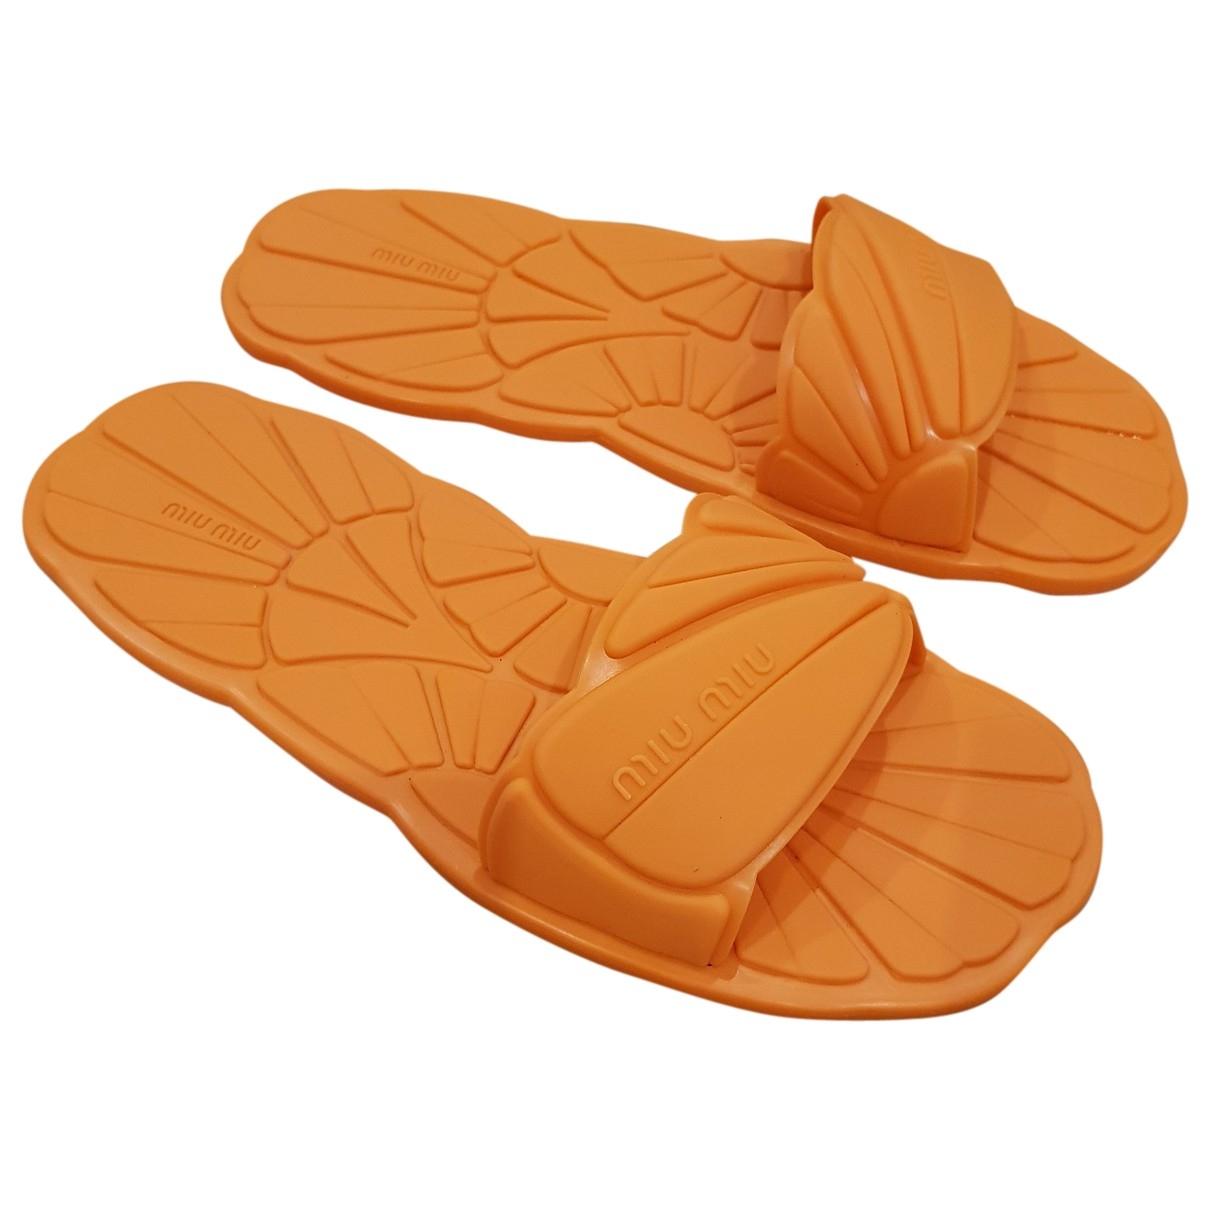 Miu Miu - Sandales   pour femme en caoutchouc - orange